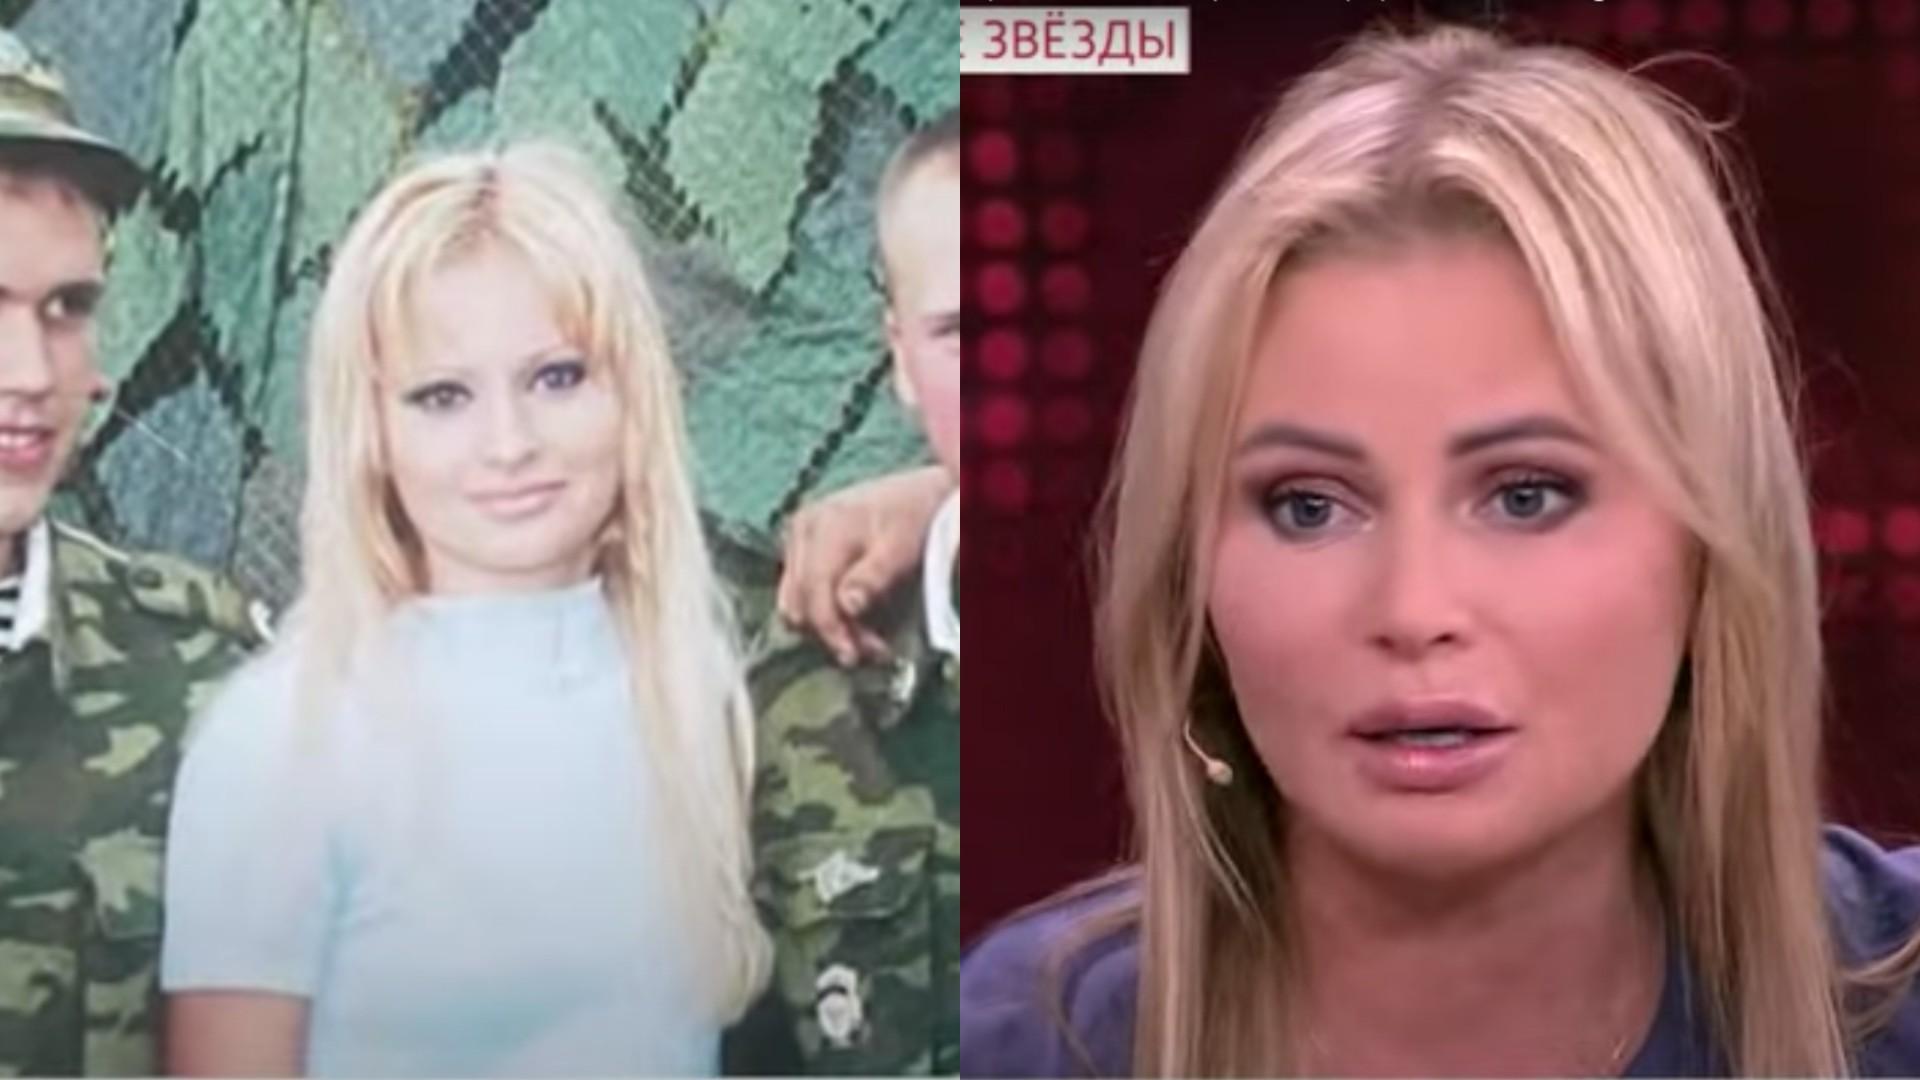 Дана Борисова рассказала об изнасиловании и аборте, через которые она прошла, чтобы работать на ТВ